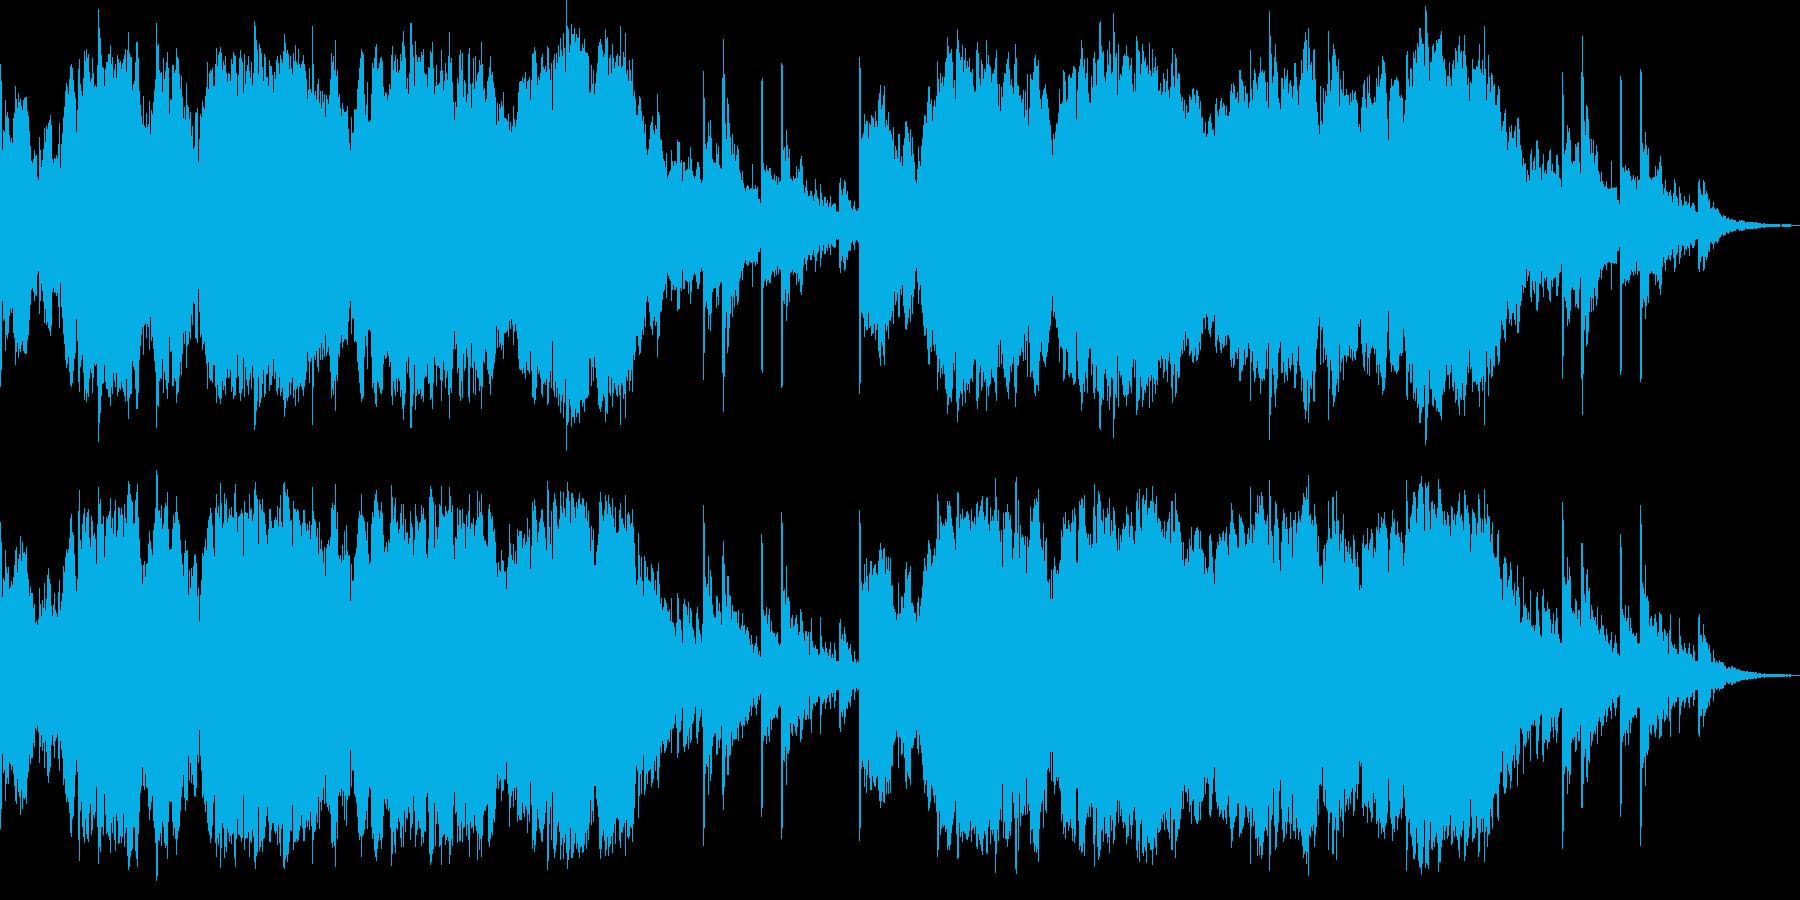 和風イメージの雰囲気ものです。の再生済みの波形